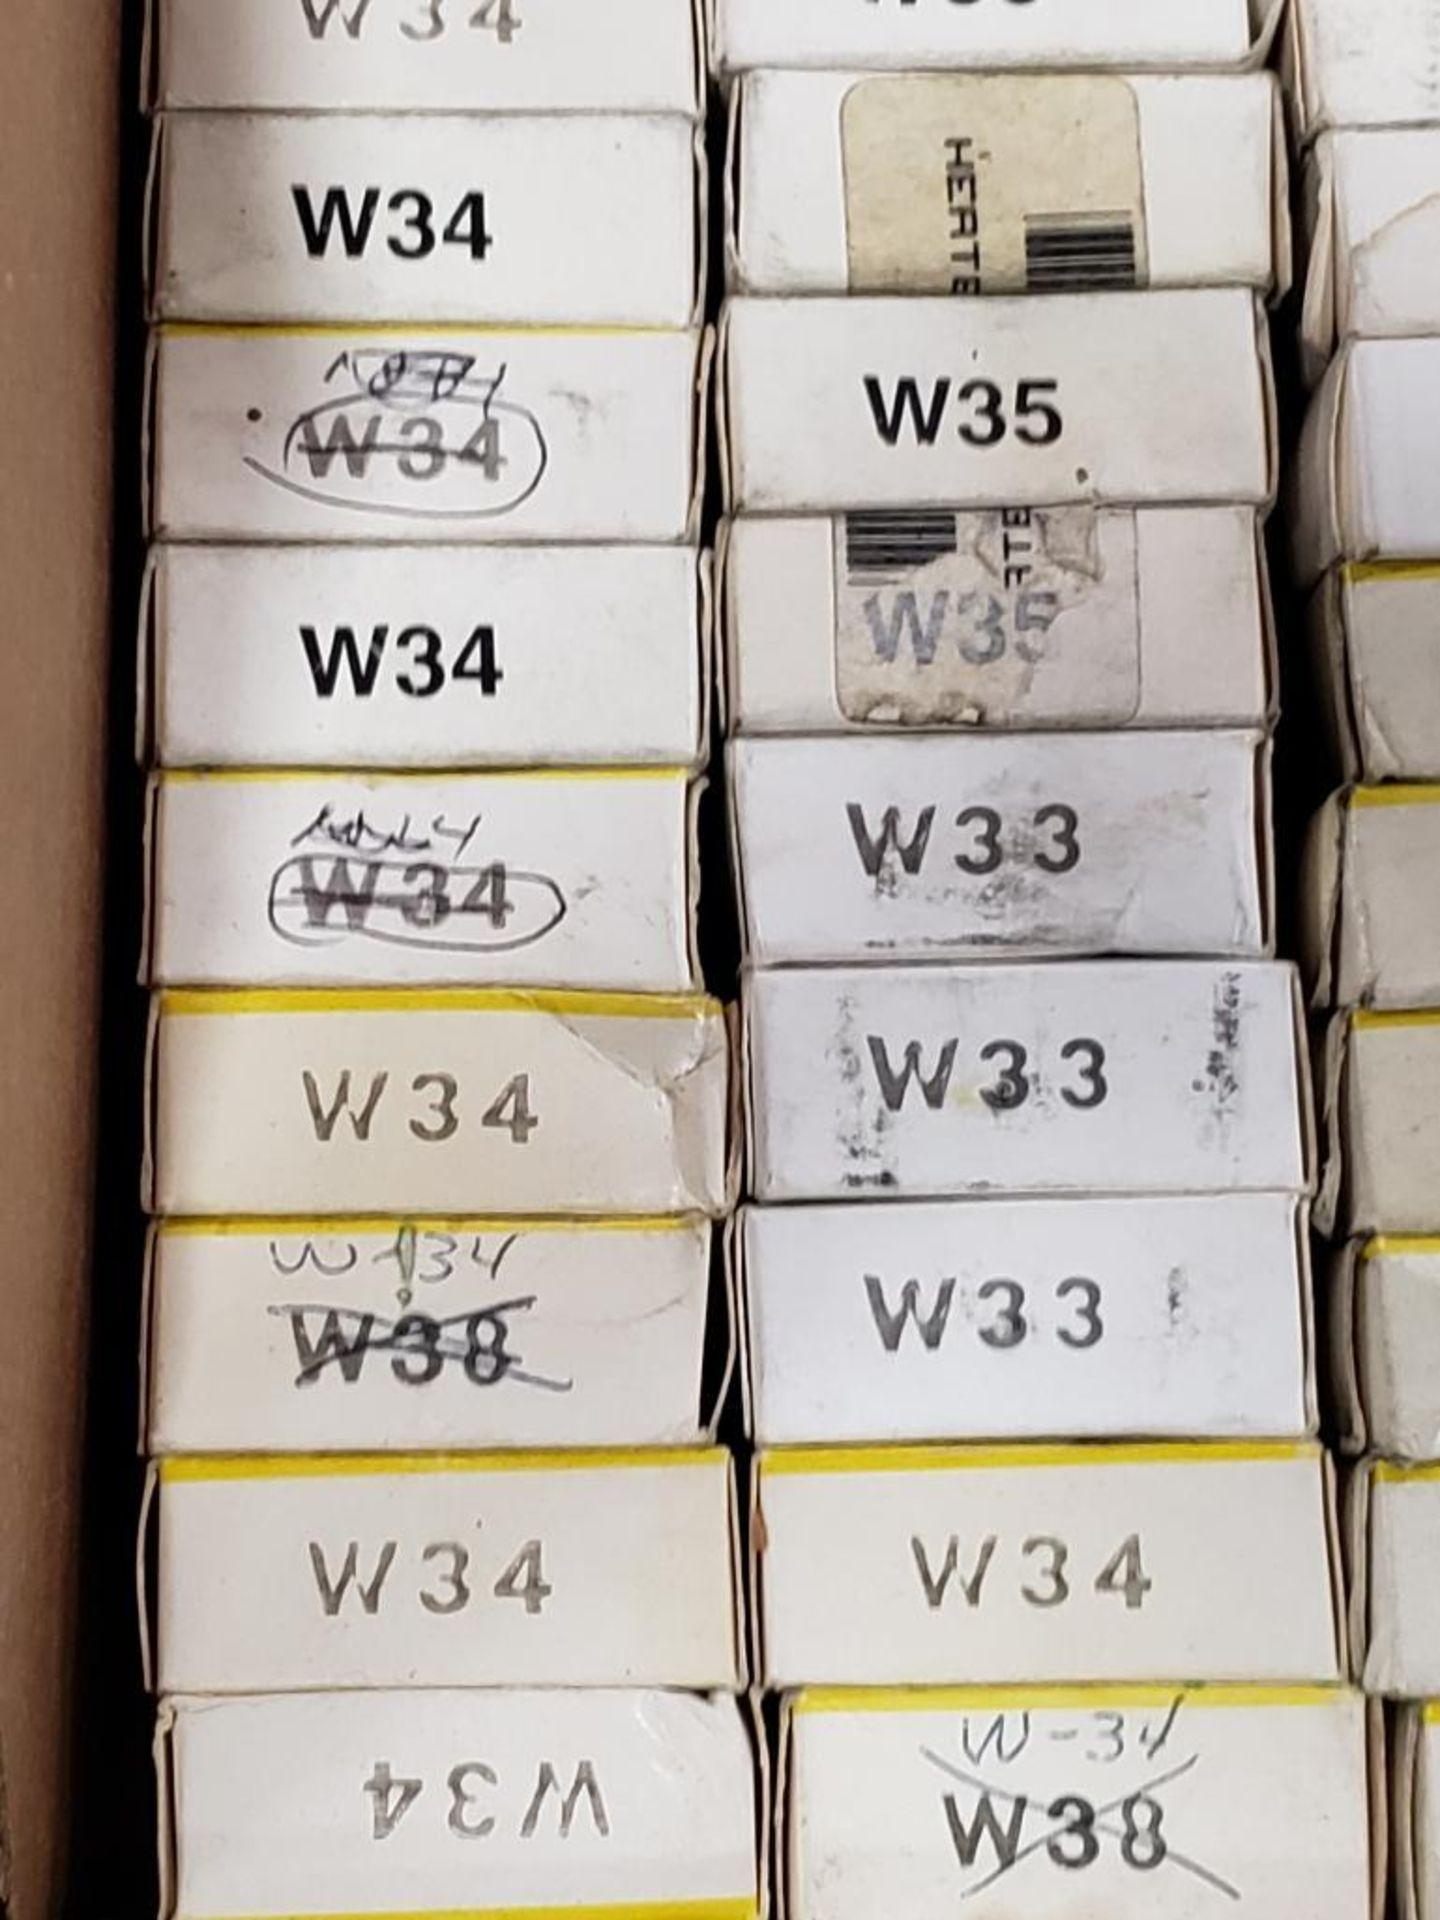 Assorted contactor heaters. Allen Bradley. - Image 3 of 6